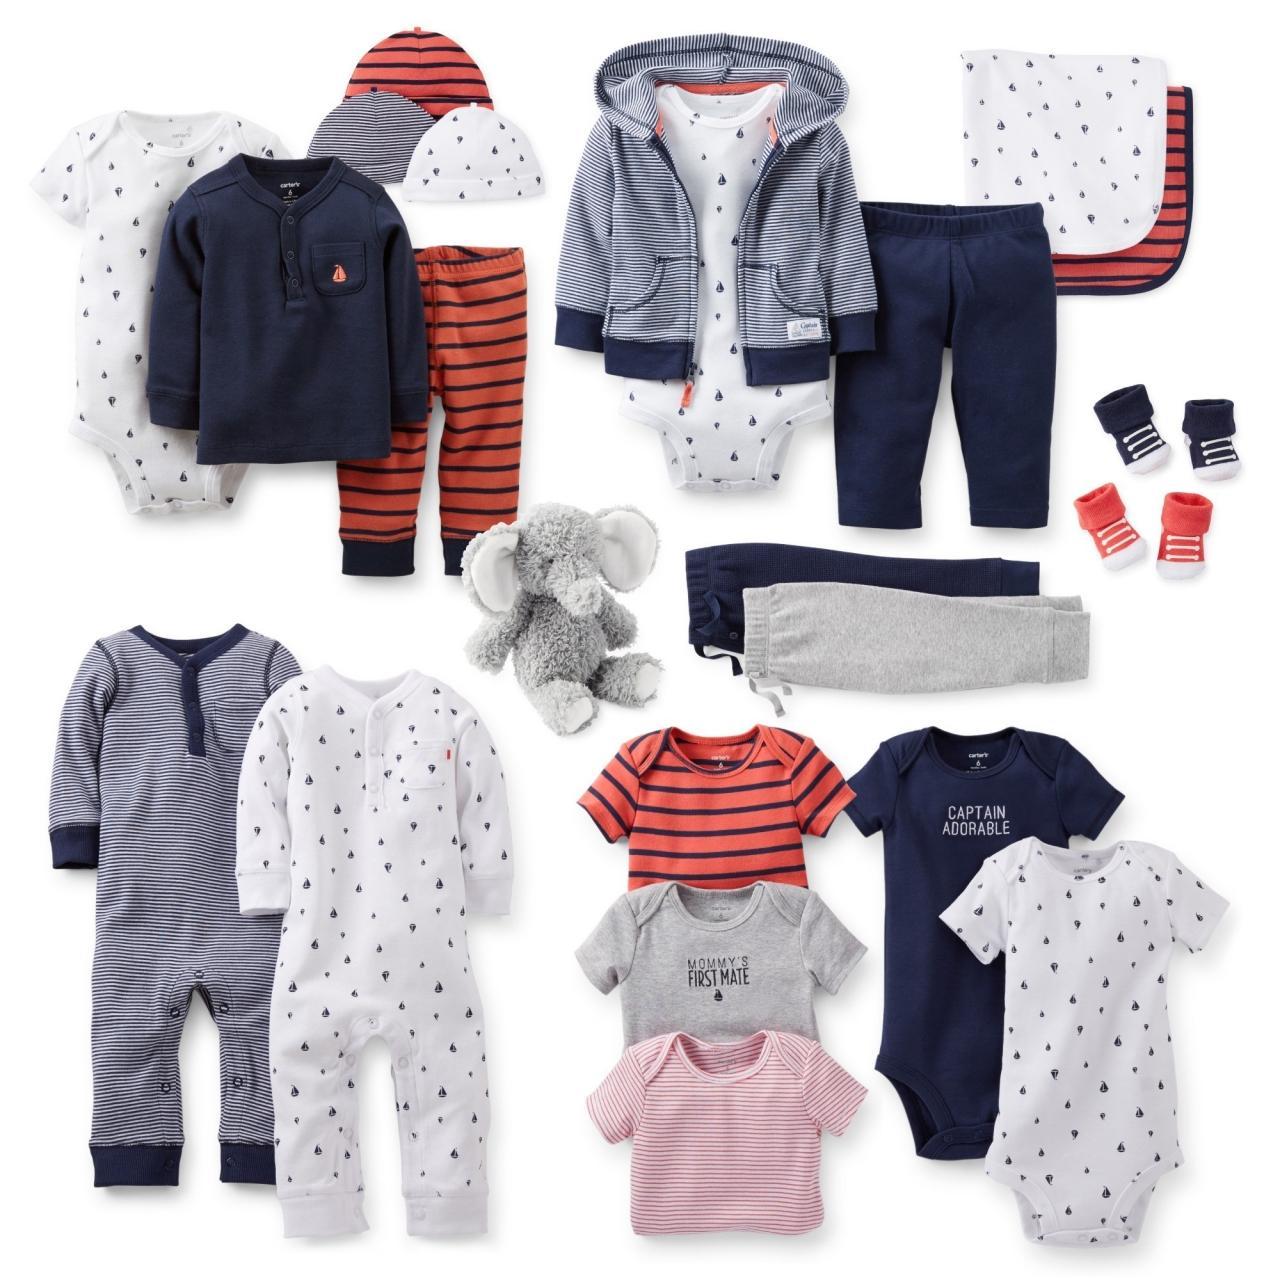 đổ buôn quần áo trẻ em xuất khẩu